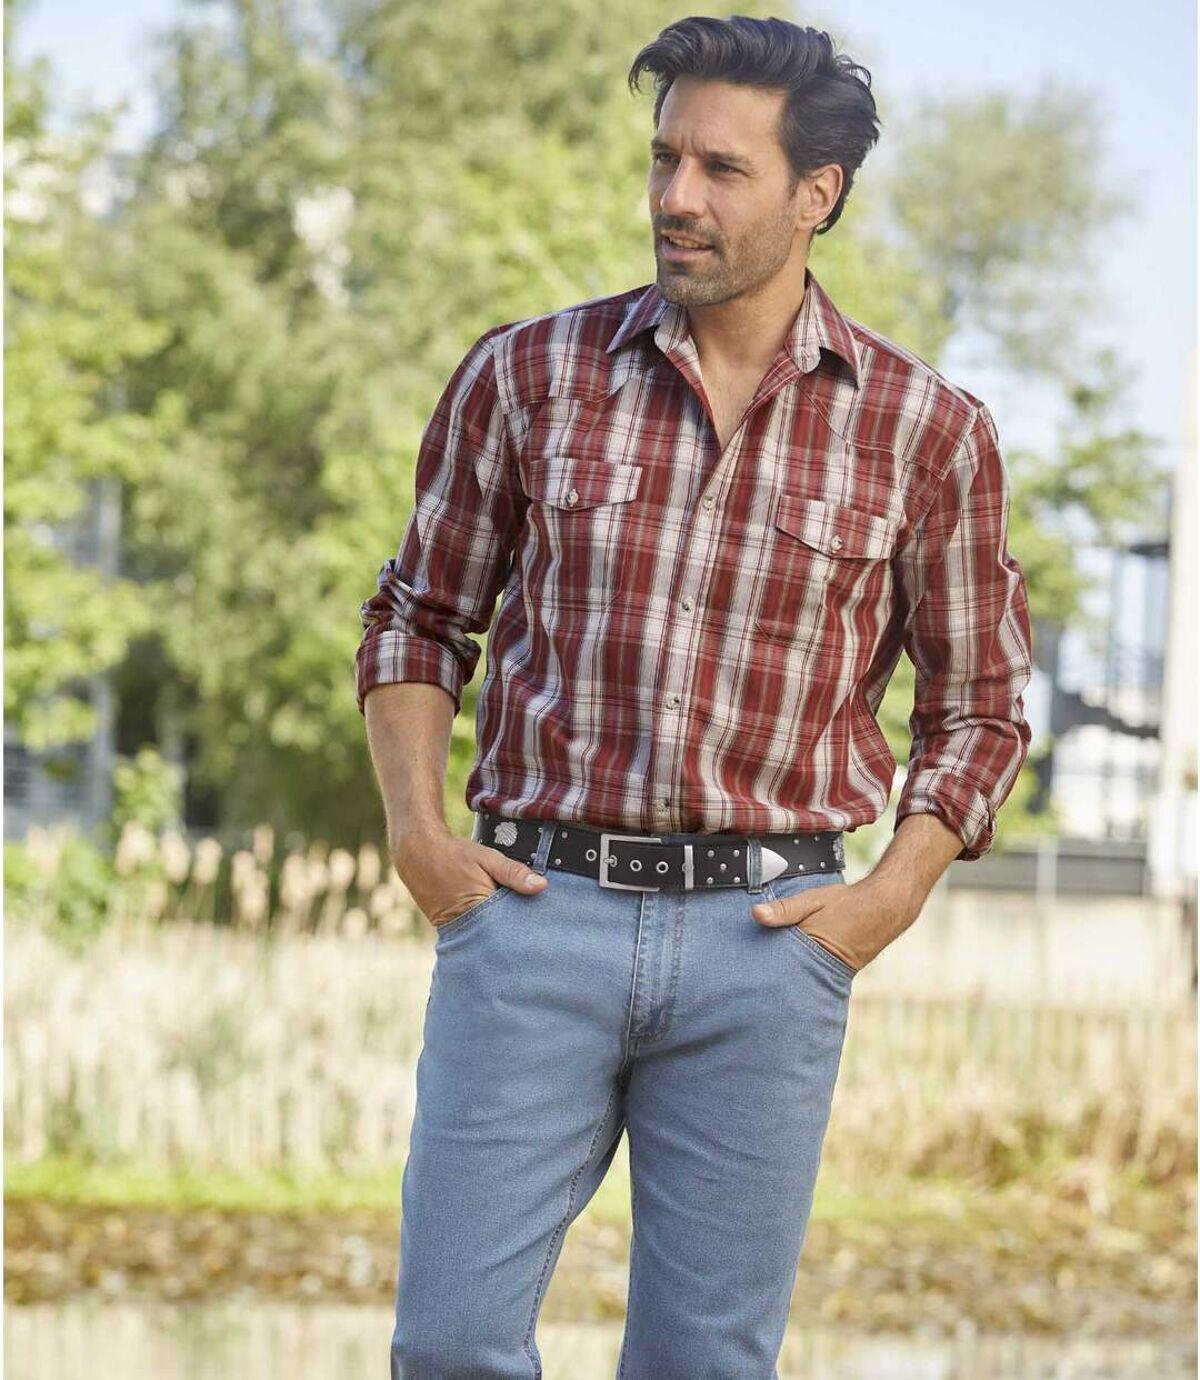 Modré strečové džíny Komfort Blue rovného střihu Atlas For Men